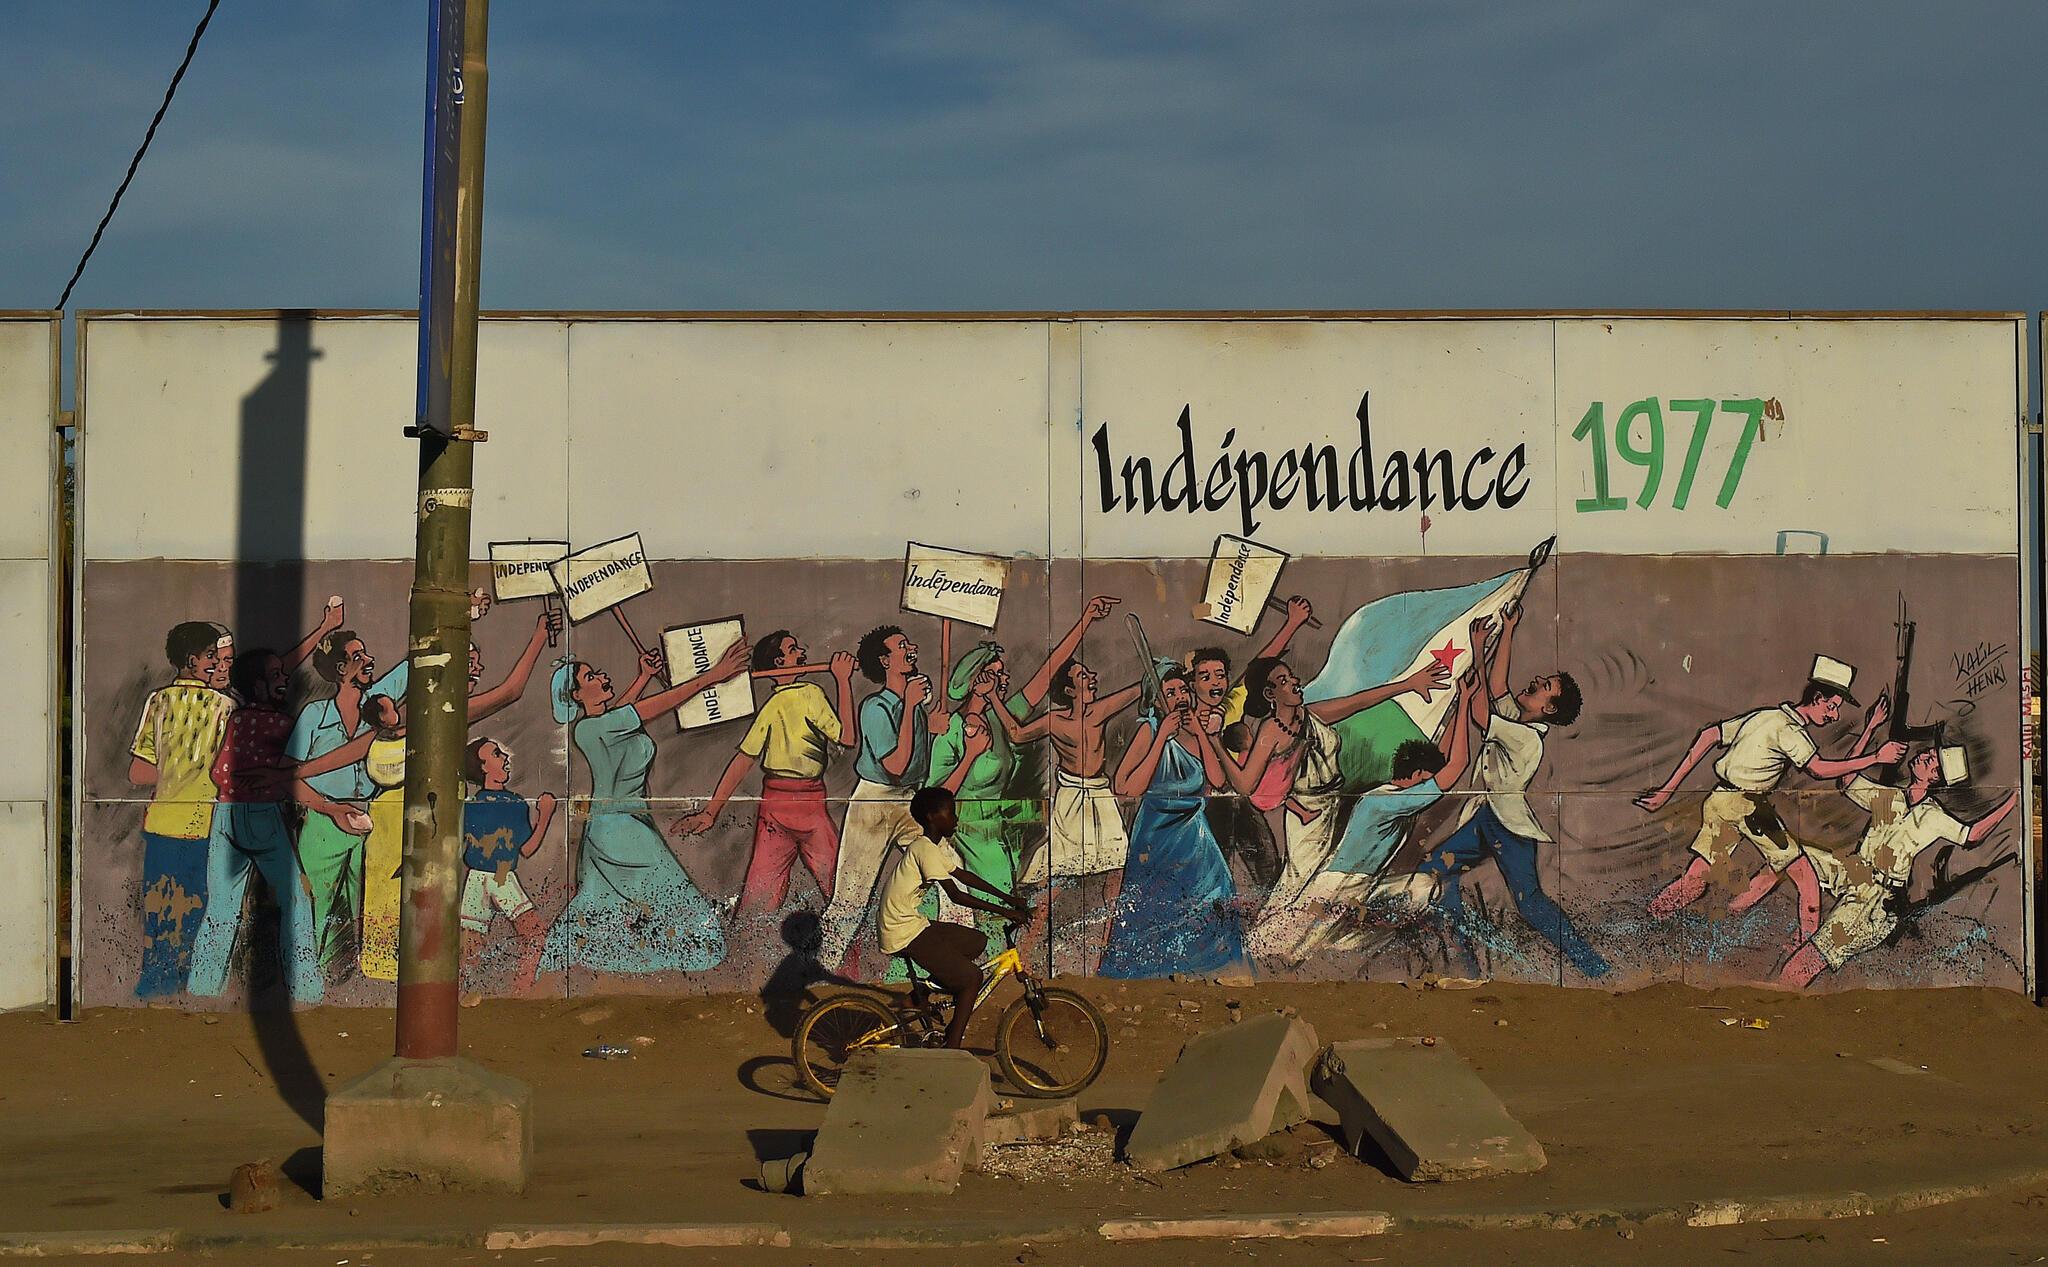 Un enfant passe à vélo devant une fresque qui dépeint l'indépendance du Djibouti en 1977.